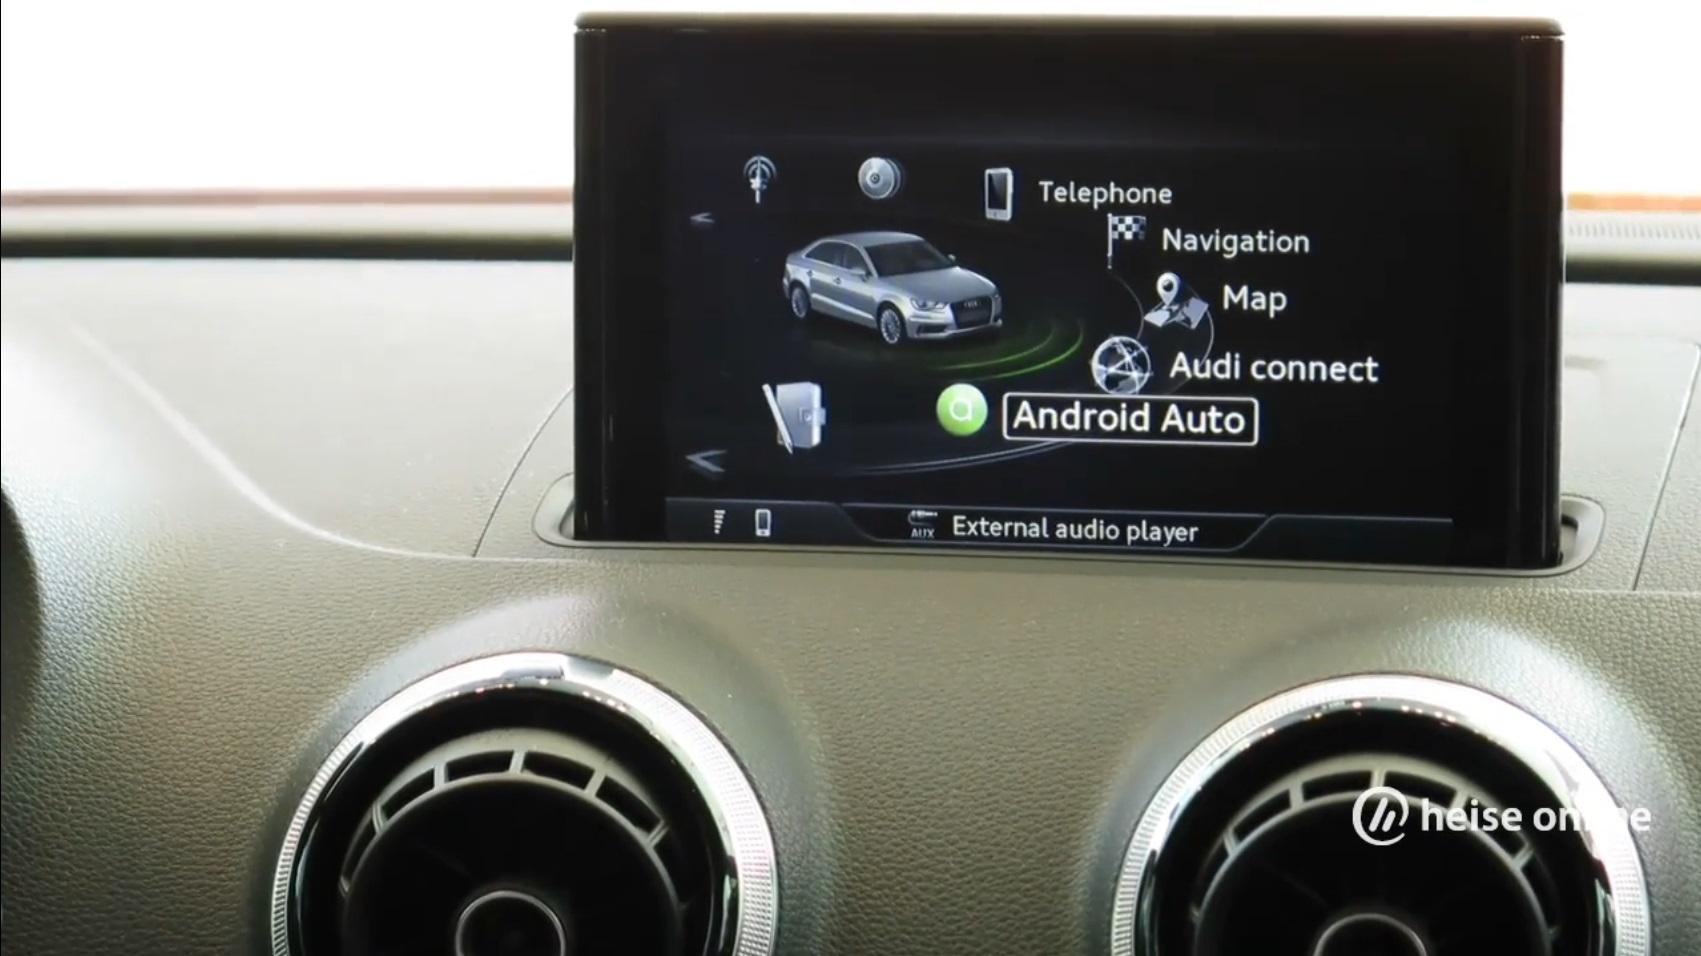 Audi Android Auto Ist Nur Zusatz Zu Bestehenden In Car